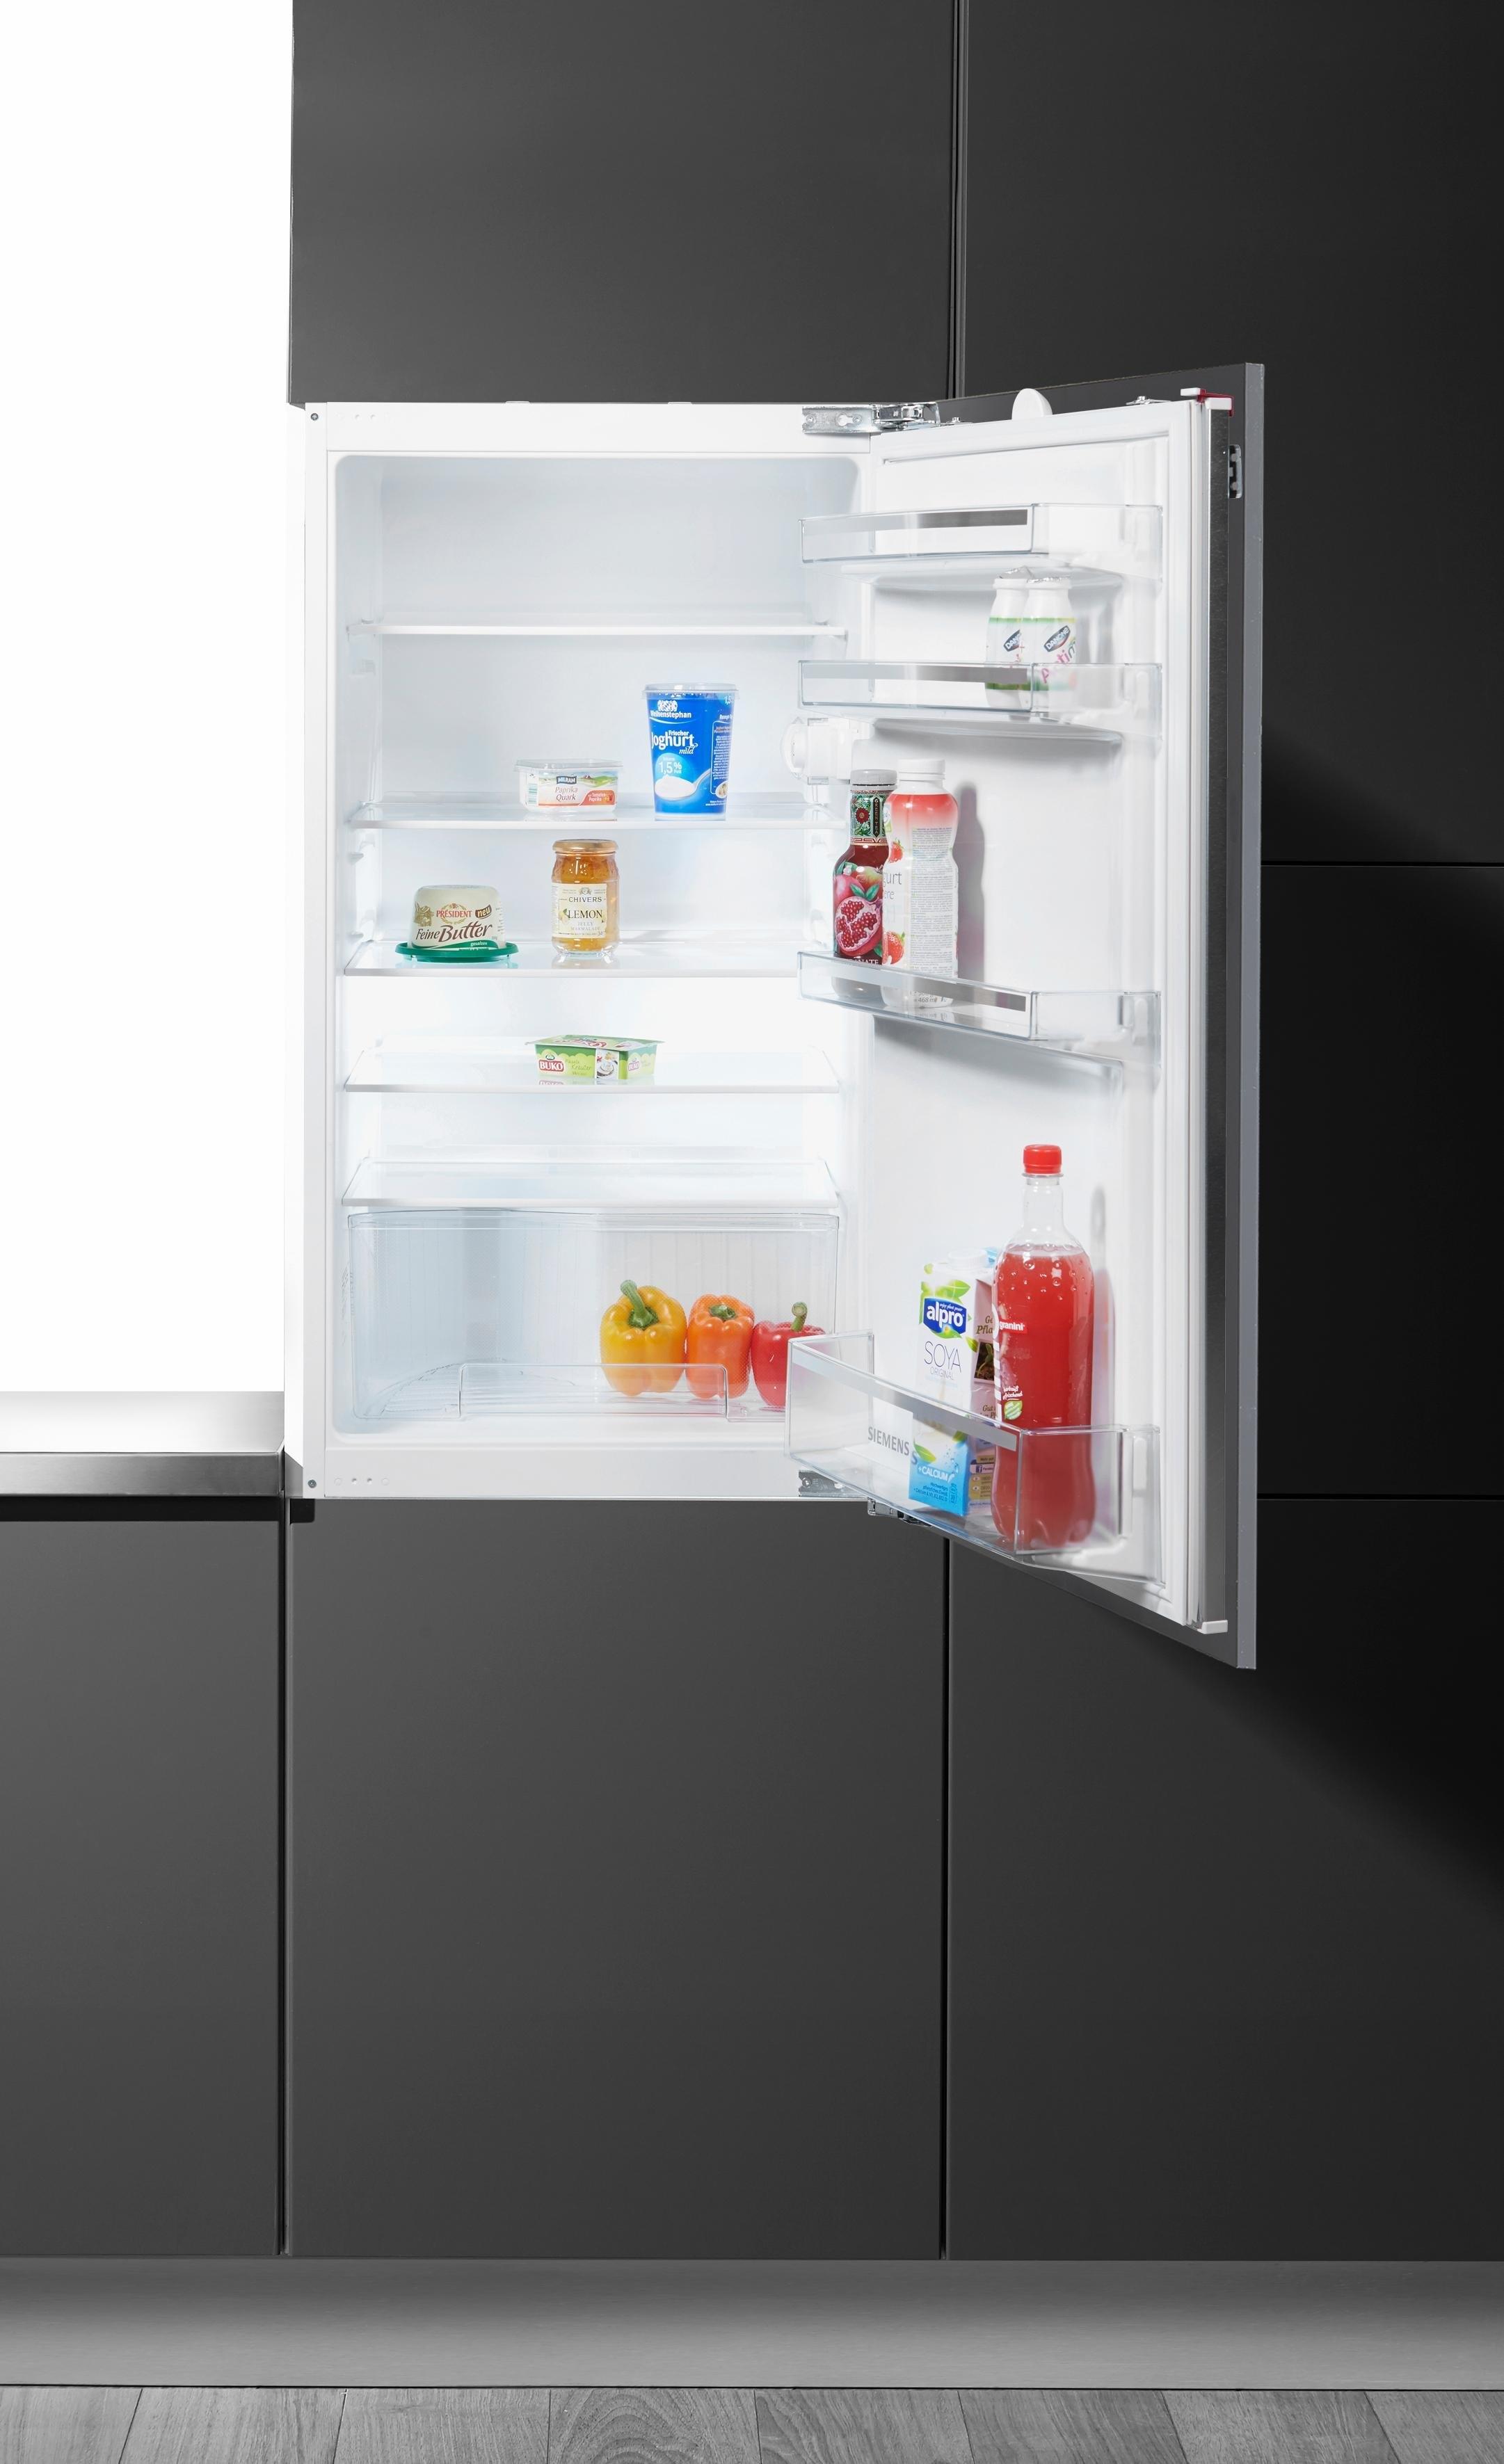 Siemens inbouwkoelkast KI20RV52, energieklasse A+, 102,1 cm hoog online kopen op otto.nl